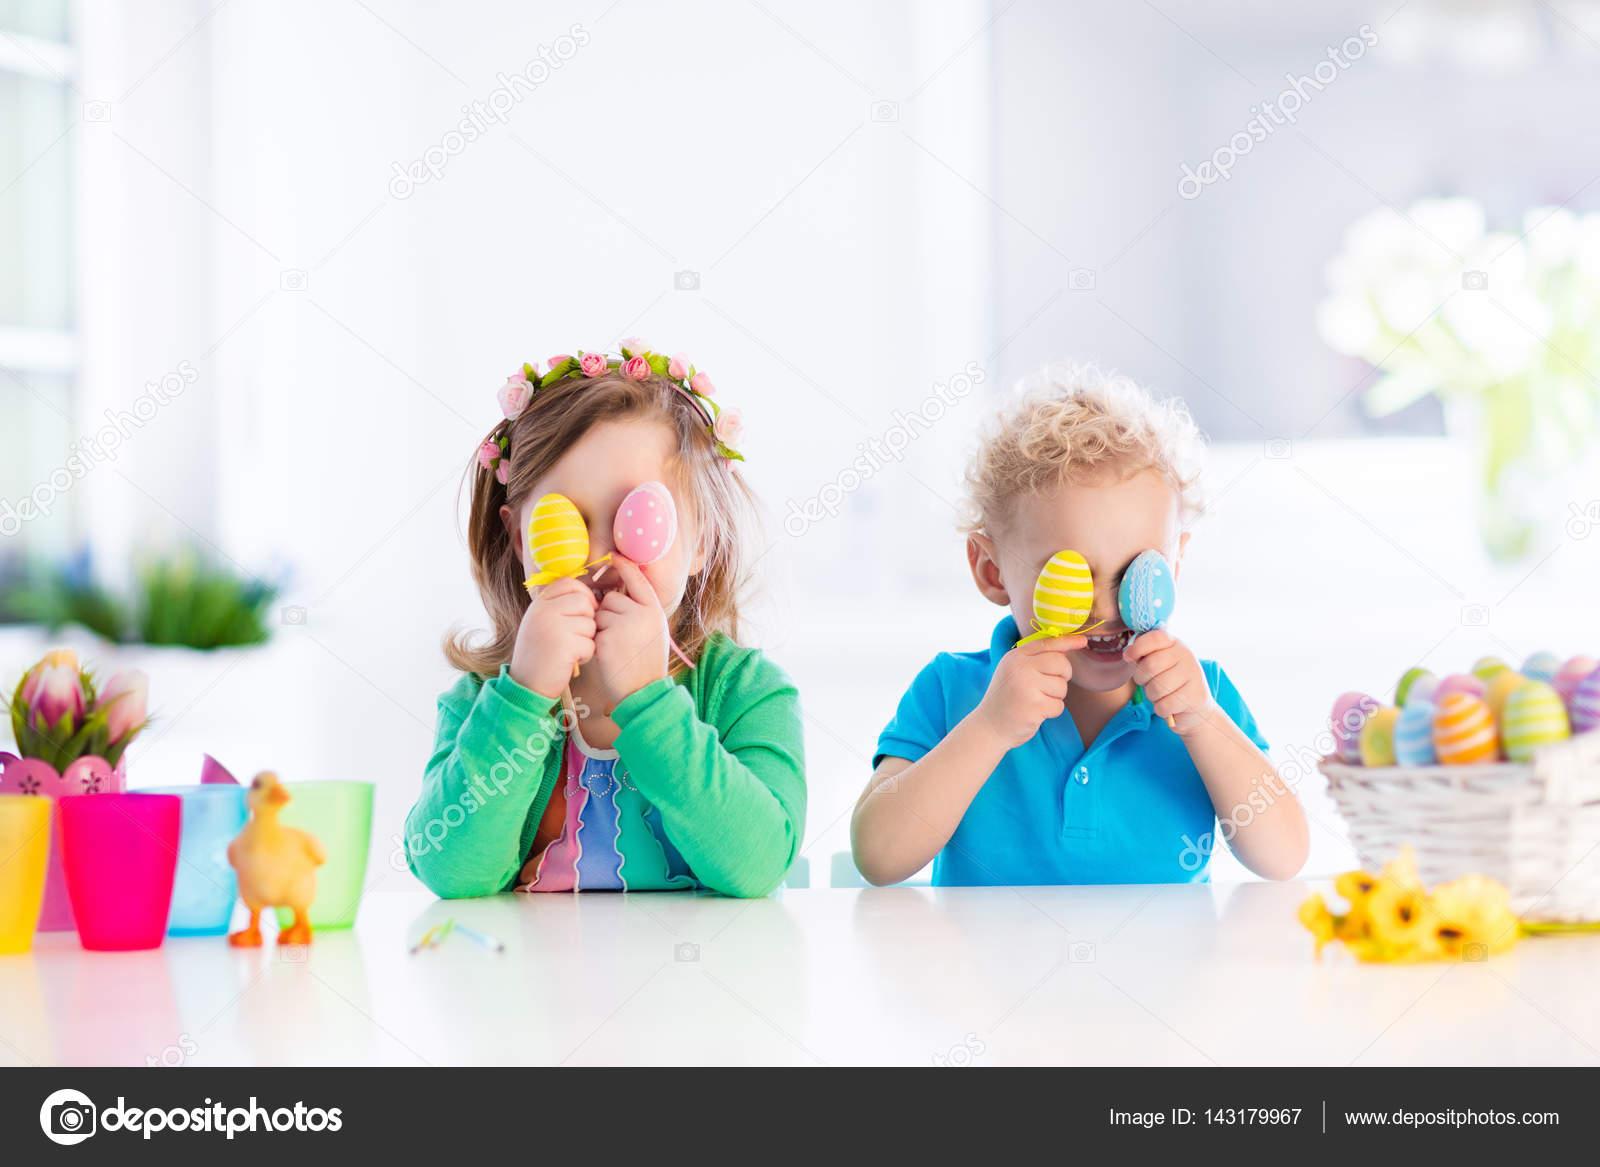 Renkli Paskalya Yumurta Yumurta üzerinde çocuklarla Avlamak Stok